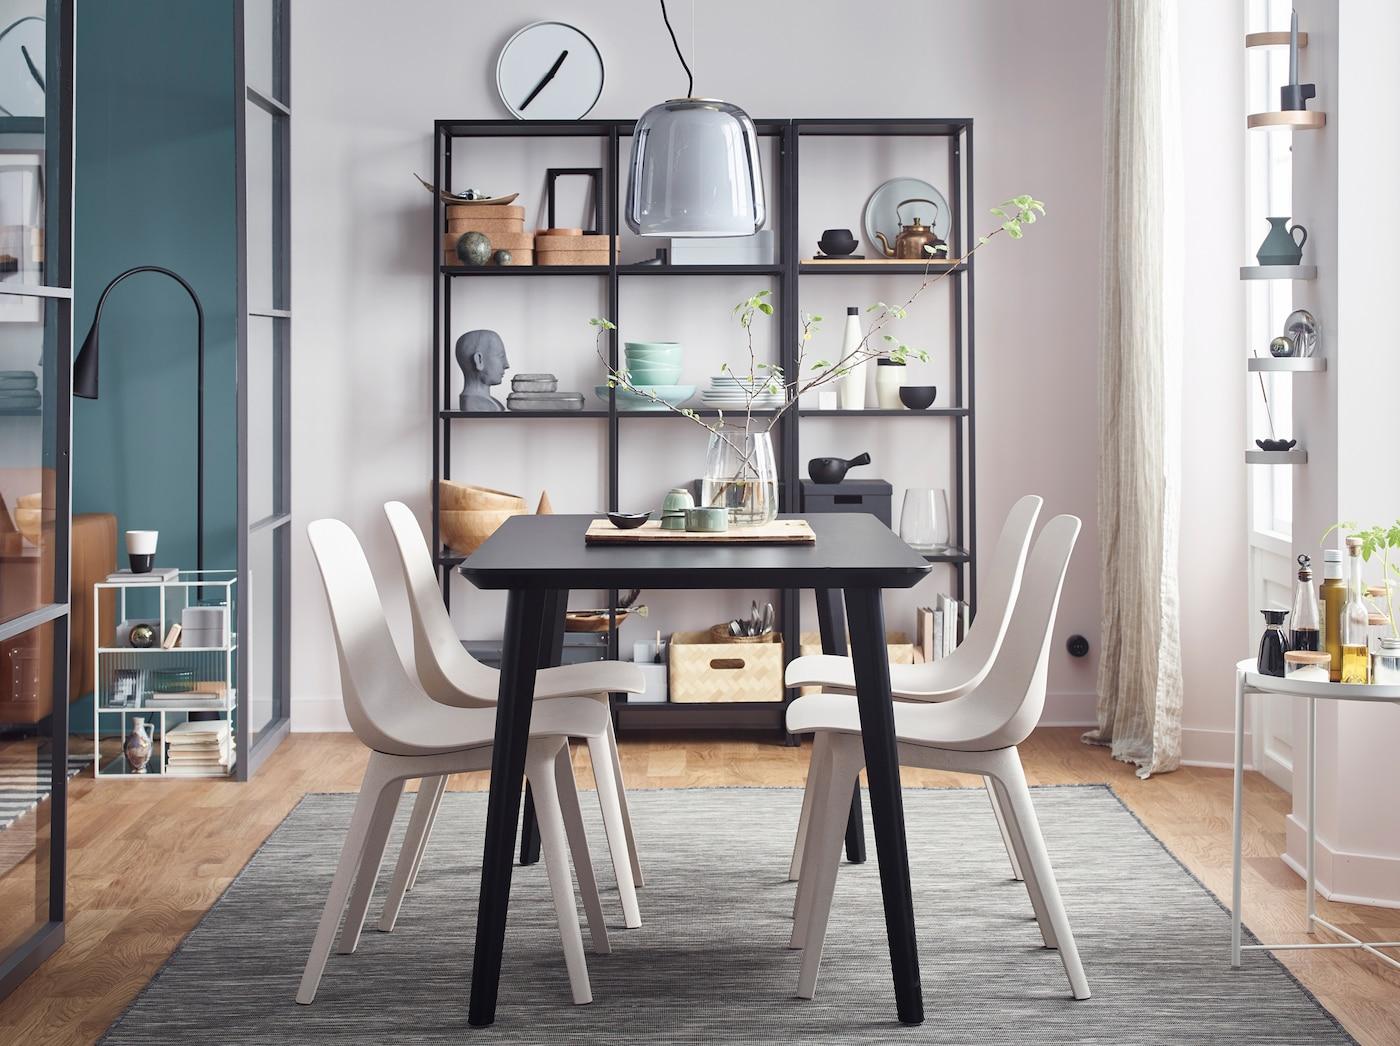 Manger Designers Ikea Pour À Salle n0wkO8P